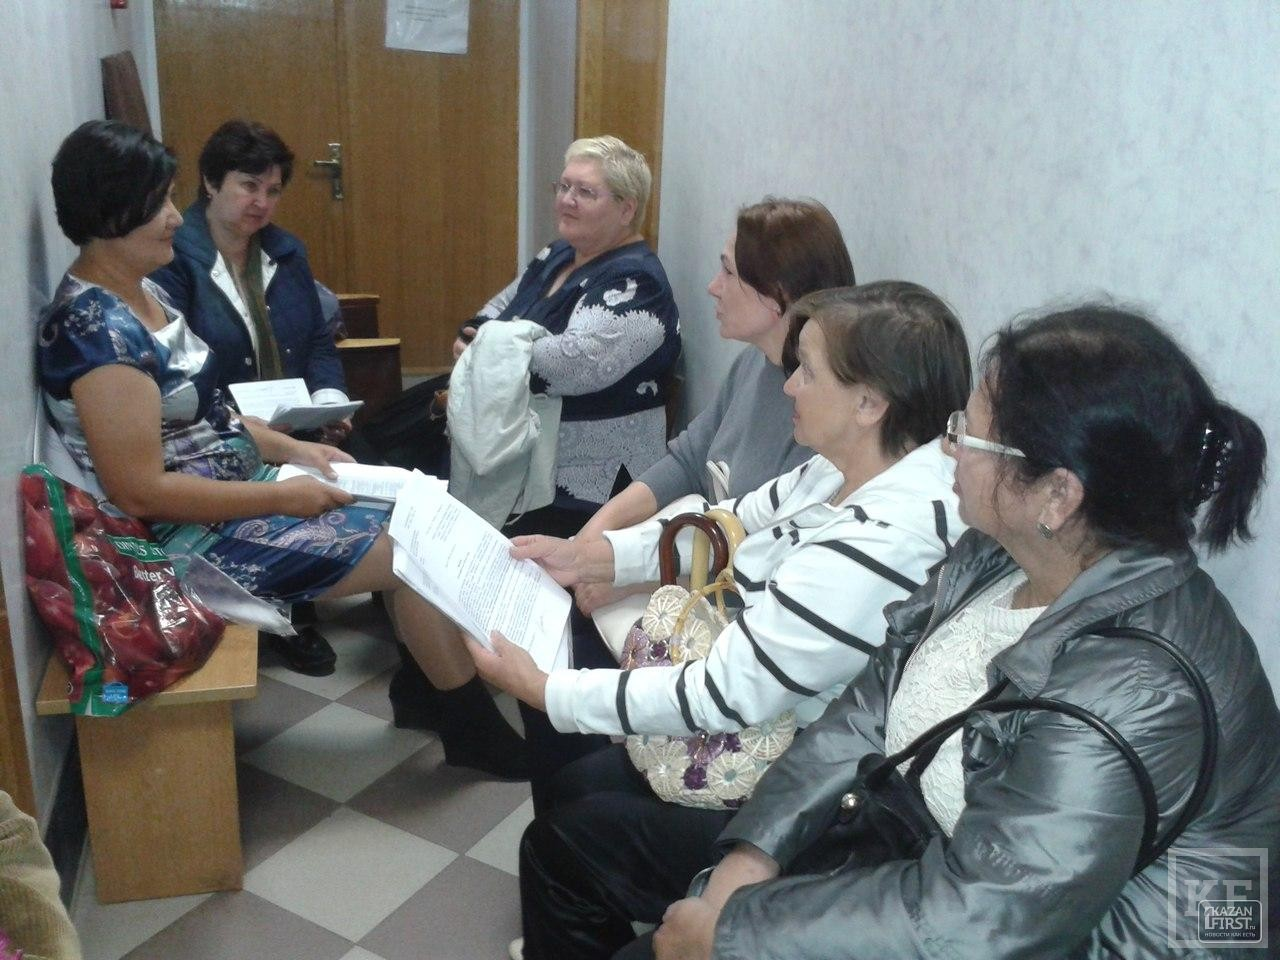 Иск против ТСЖ «Азино-1»: «Командировочные расходы 126 000 рублей, за интернет 717 480 рублей — откуда взялись такие суммы?»